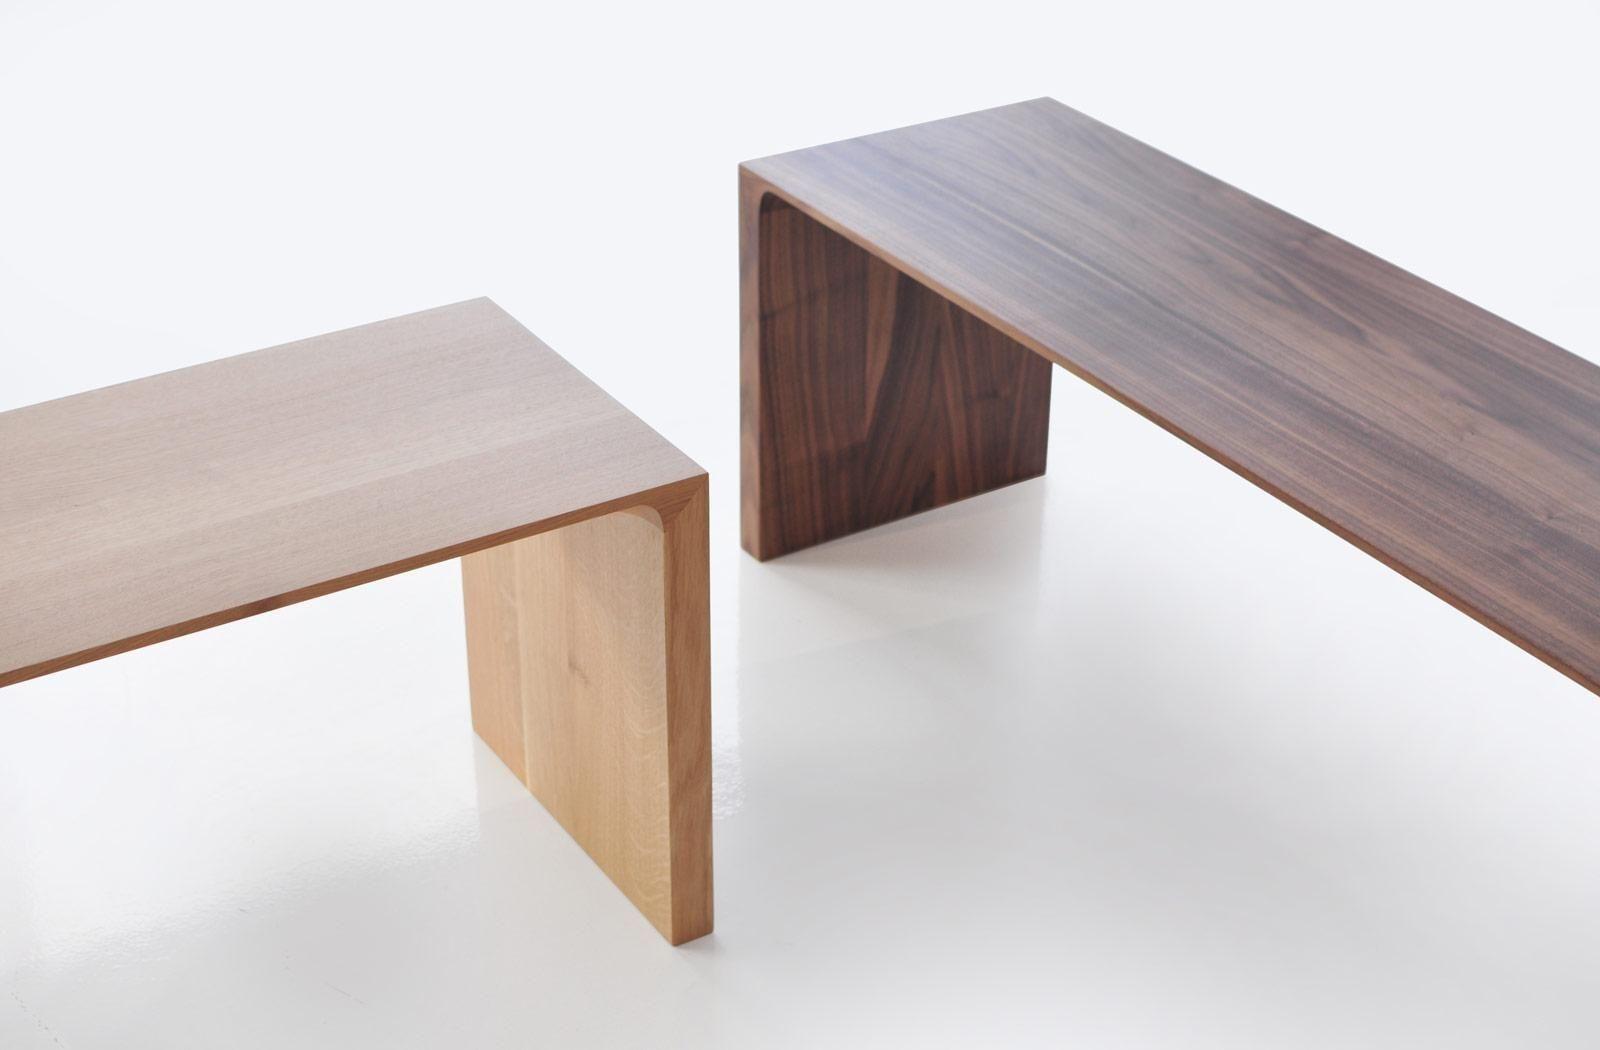 Panca legno - Shopping Acquea